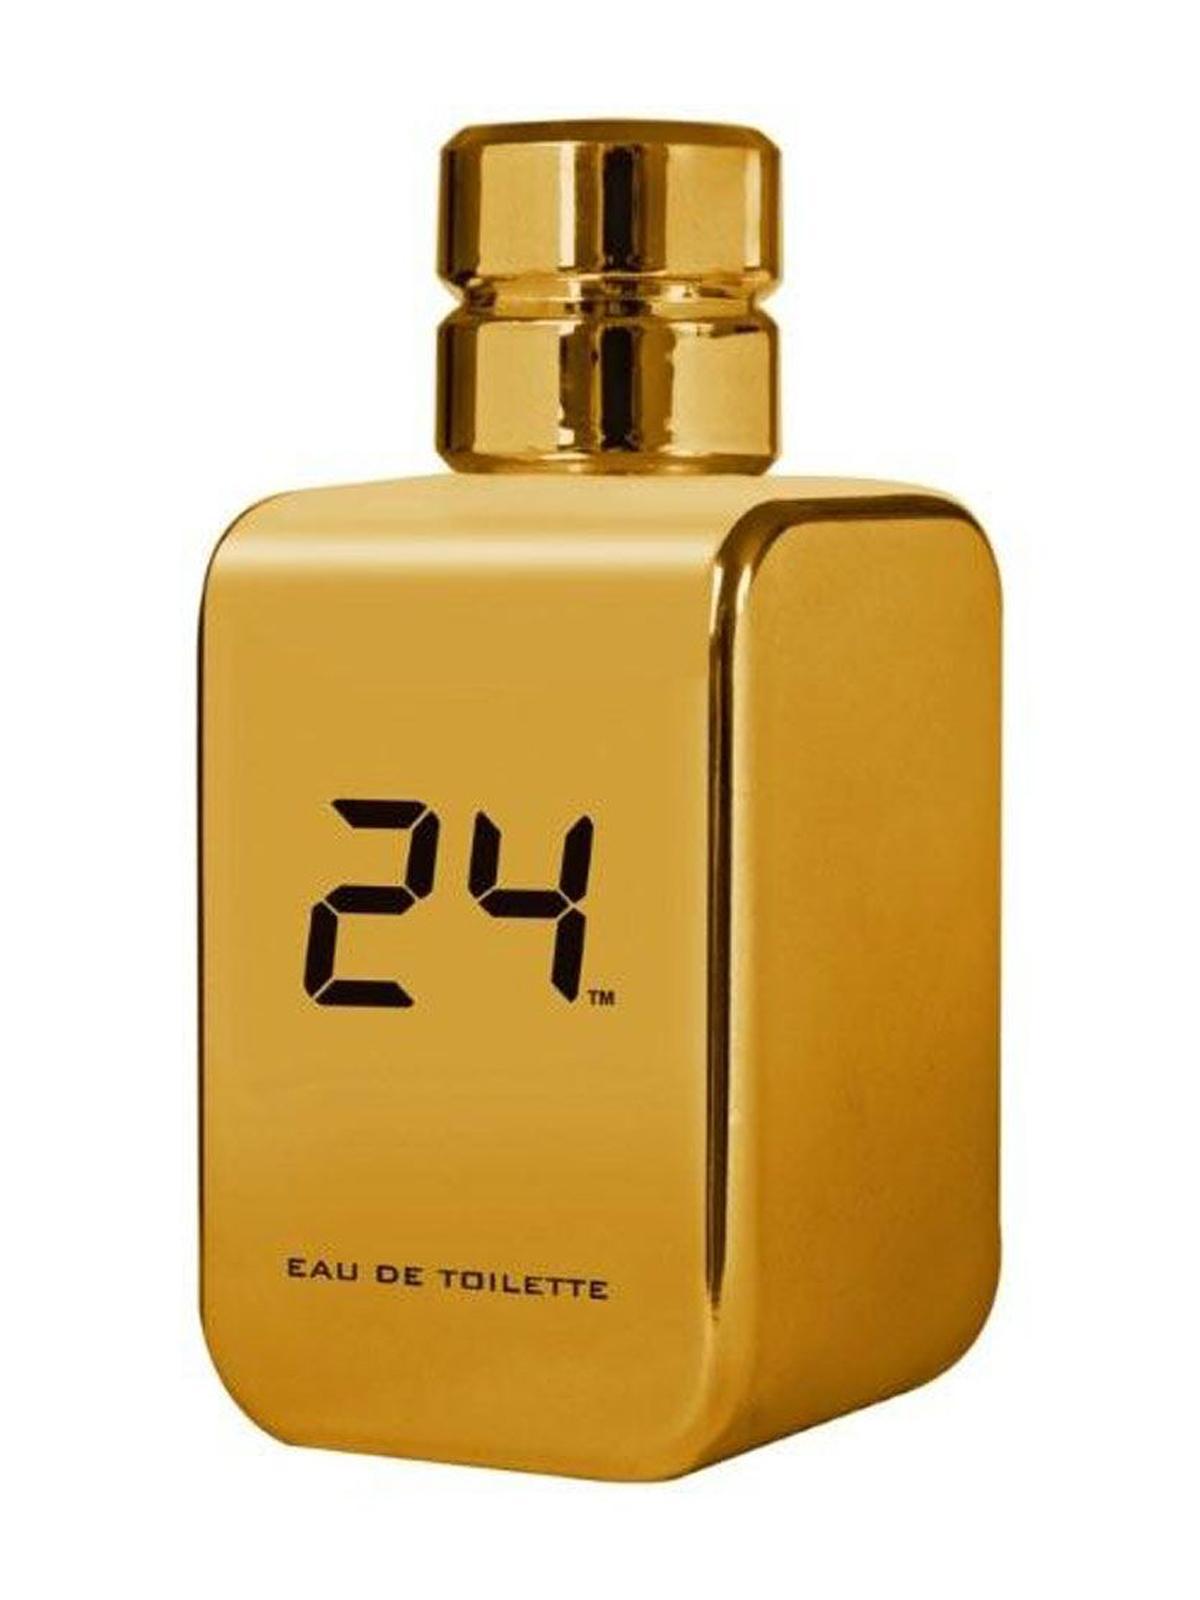 24 Gold Eau De Toilette 50ML